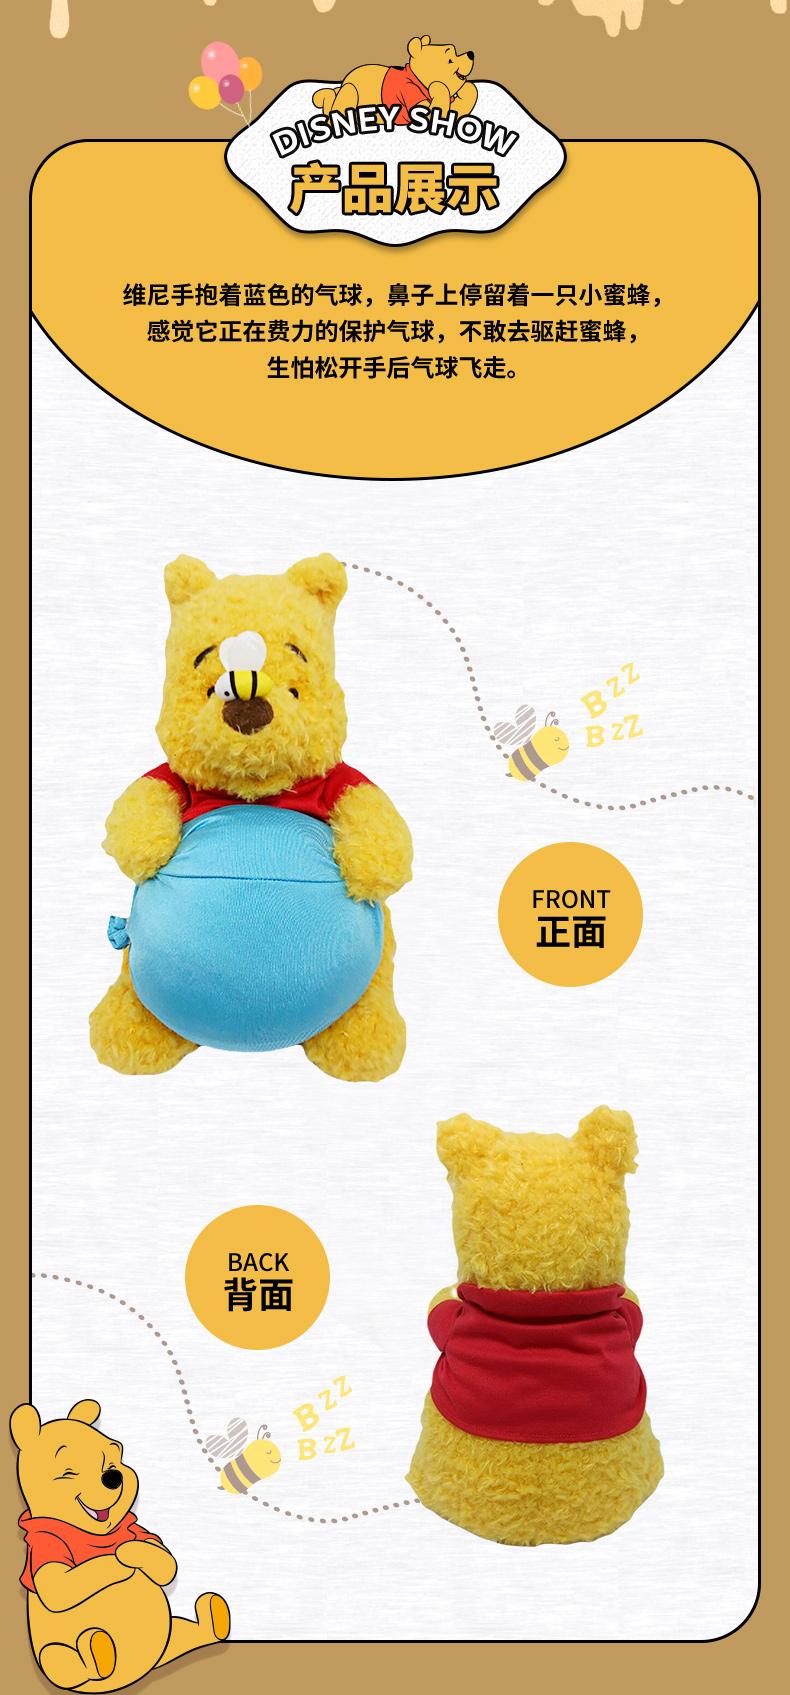 迪士尼官方卡通可愛氣球小熊維尼毛絨玩偶玩具公仔早春新品Disney